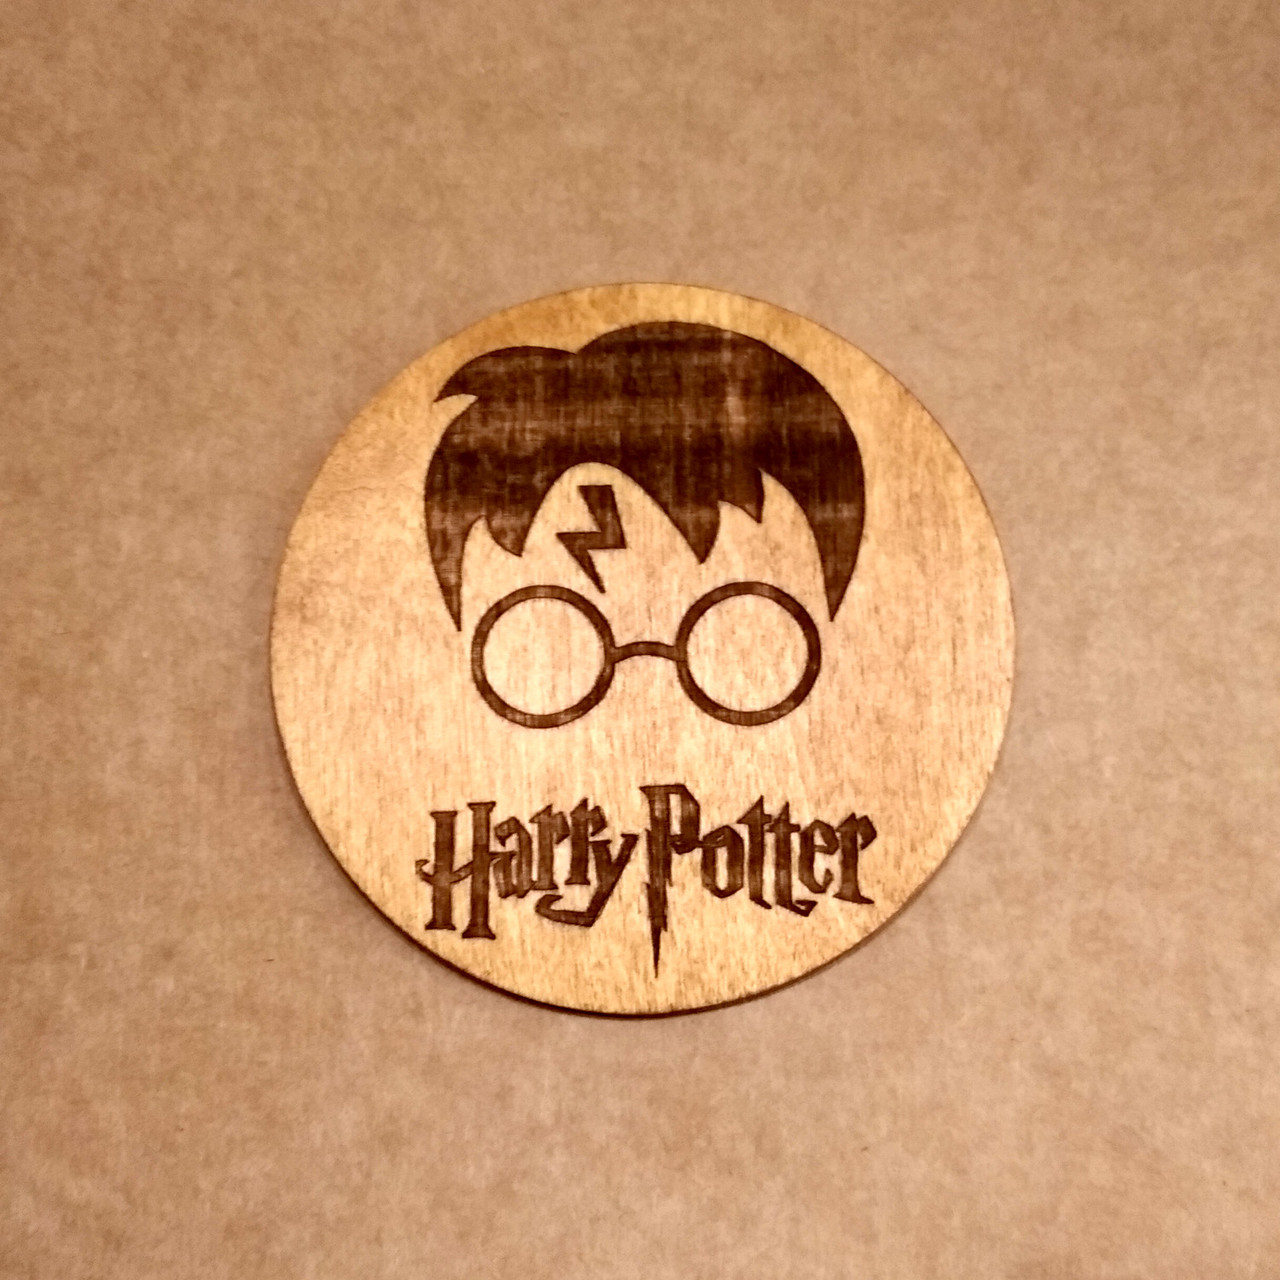 Костер деревянный. Подставка под кружку Гарри Поттер.